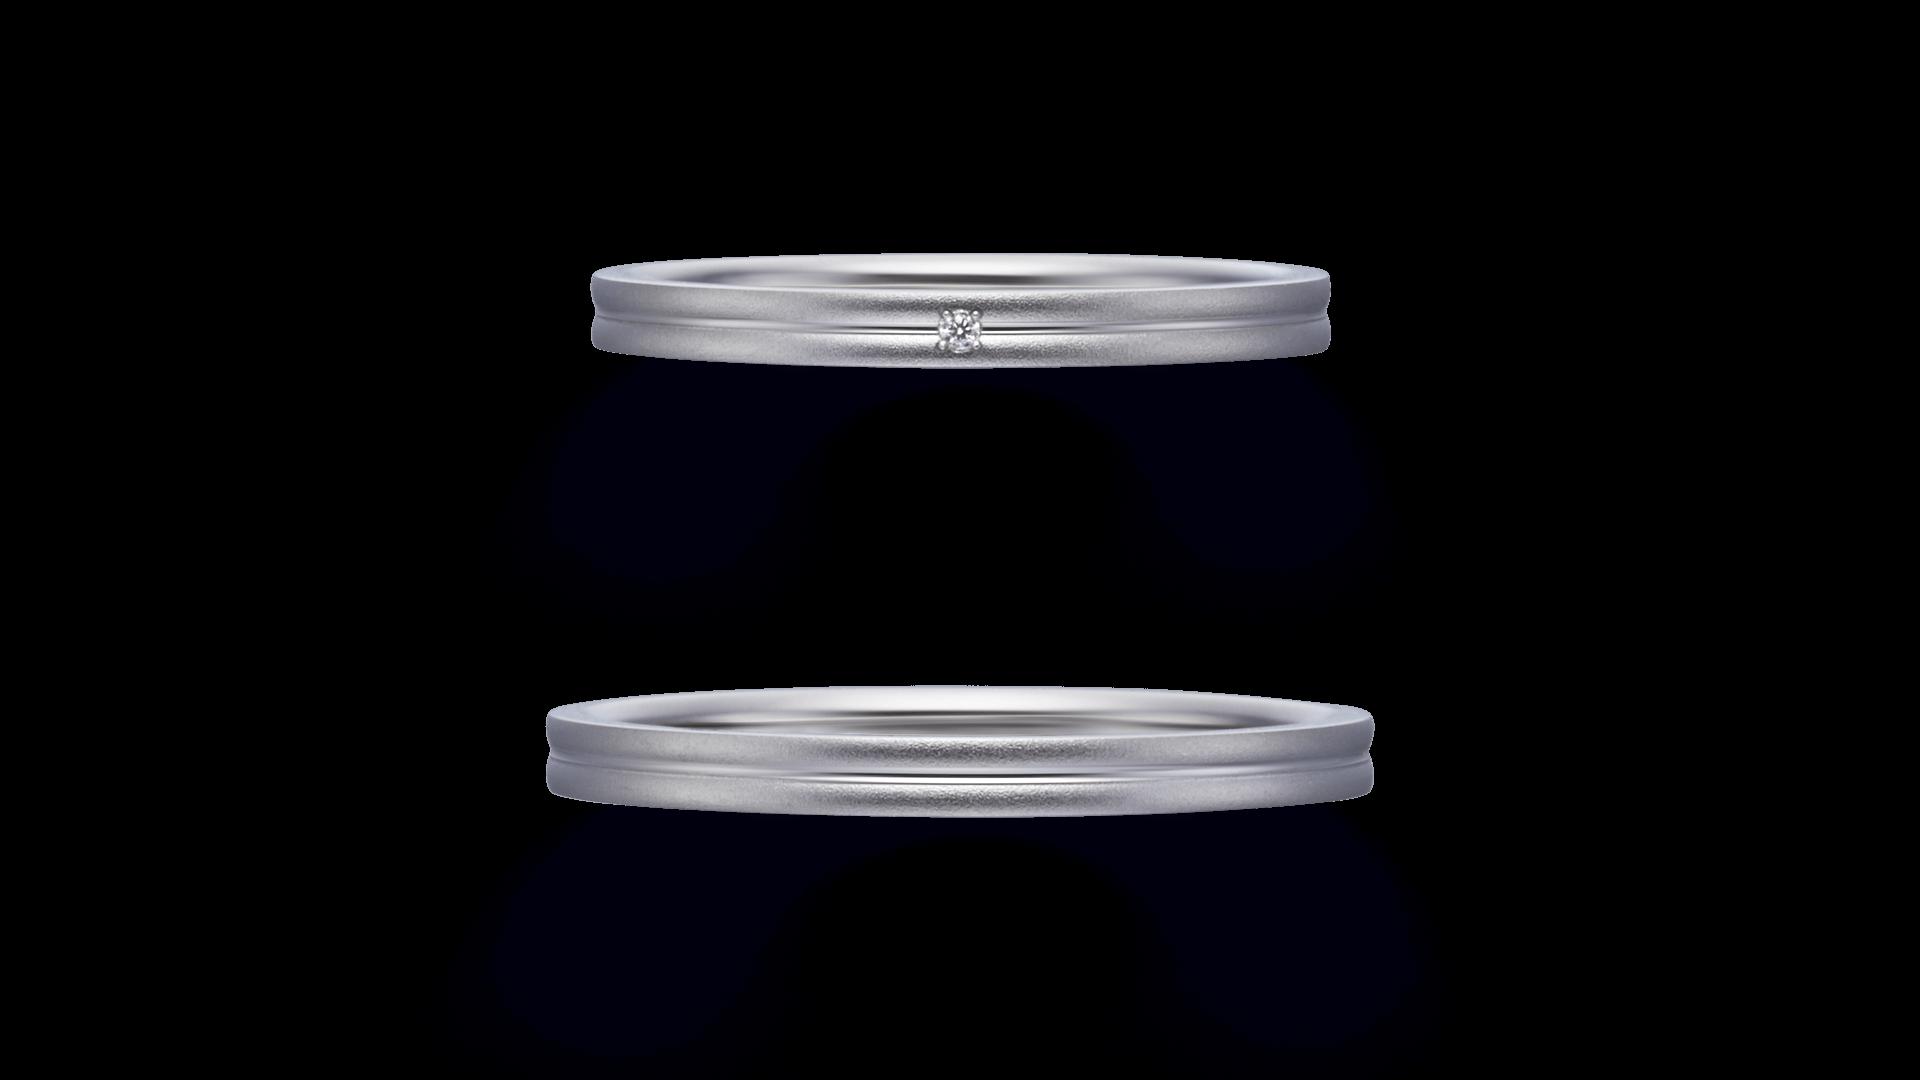 dryas ドリアス | 結婚指輪サムネイル 1